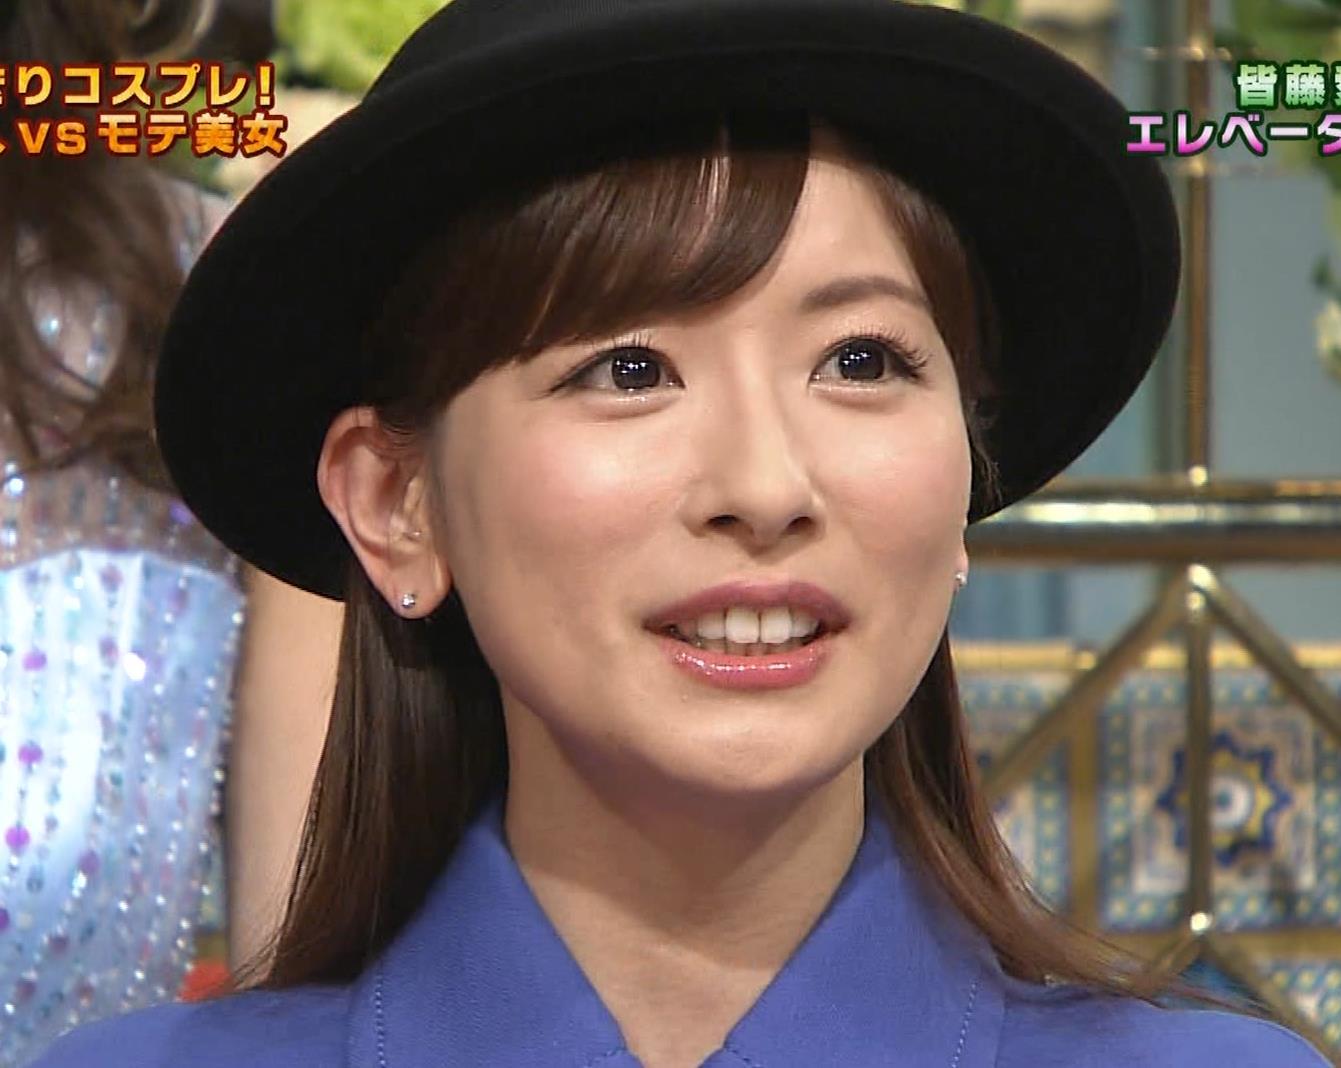 皆藤愛子 ミニスカートの中をアップで撮られるキャプ・エロ画像6